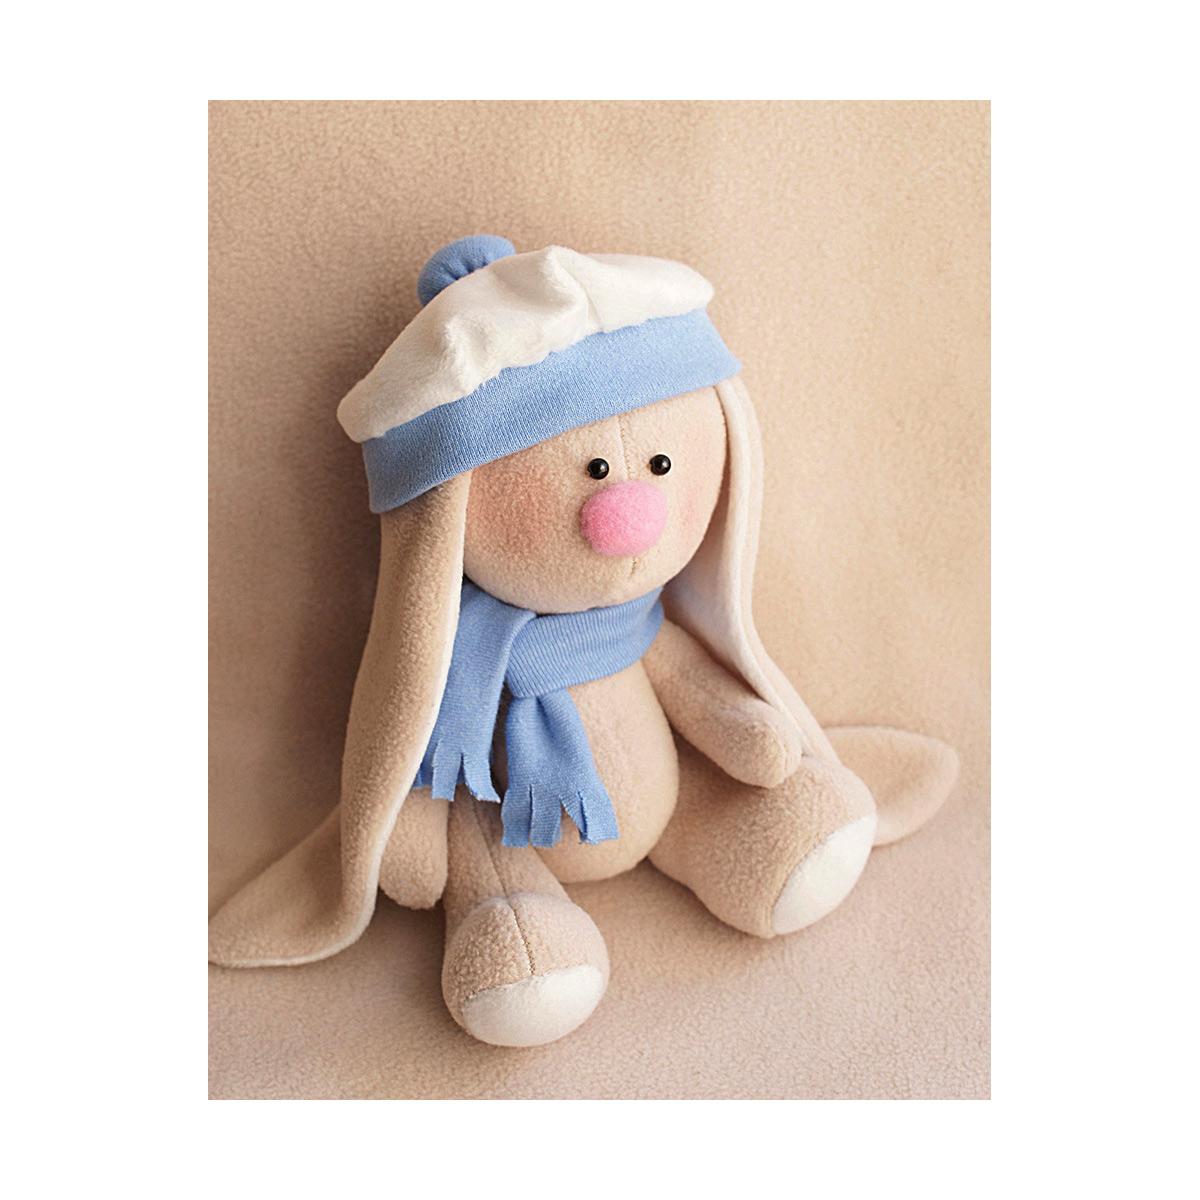 MЗ-02 Набор для изготовления текстильной игрушки HAPPY HANDS 'Зайка Ветерок' 20см